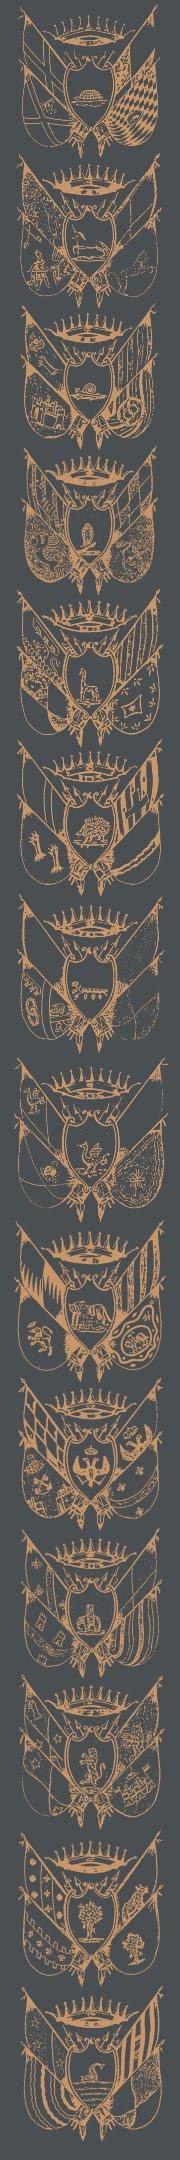 Боковая панель с гербами контрад Сиены Siena contradas arms side panel